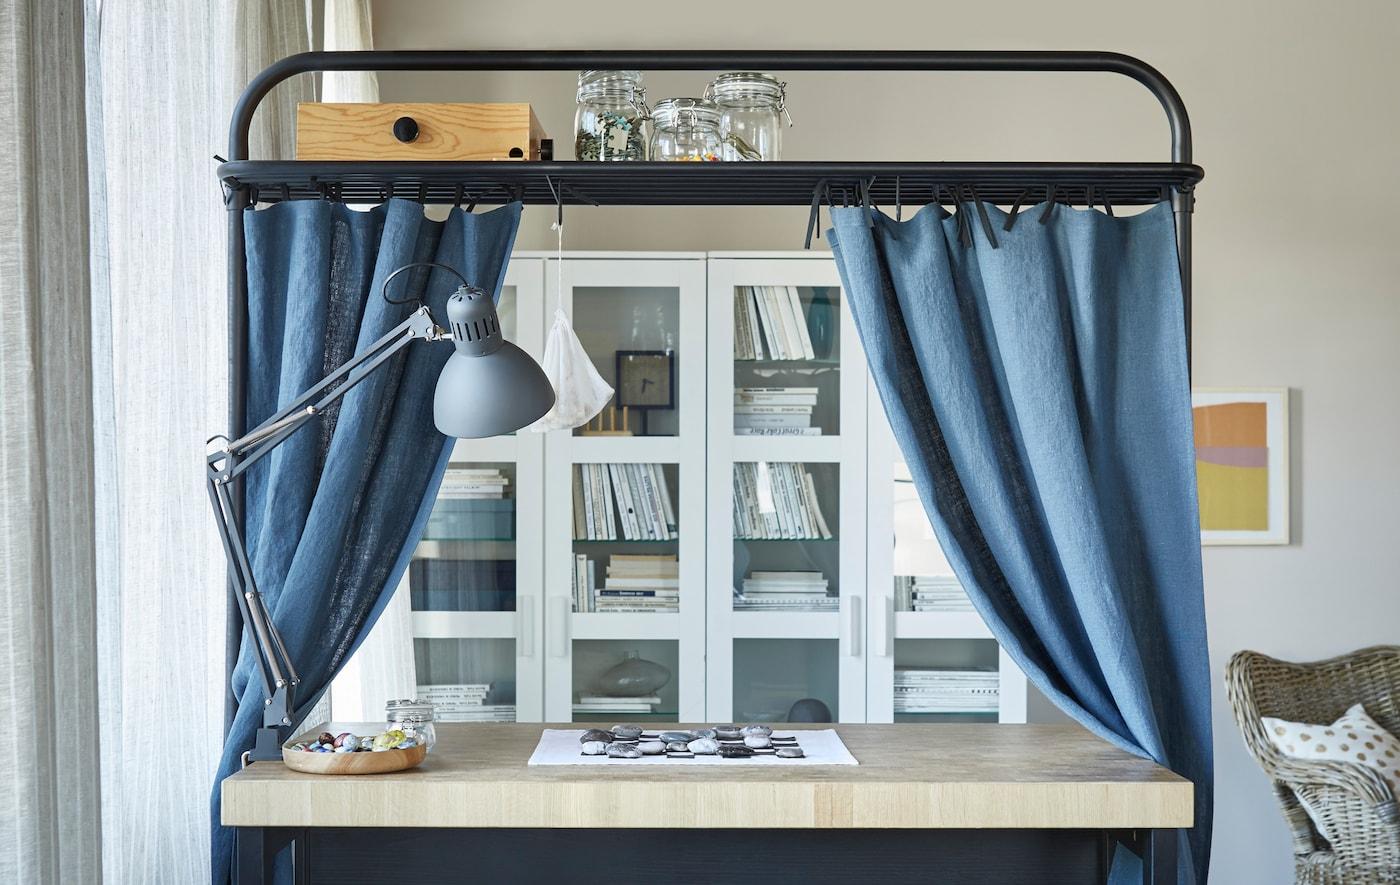 Un îlot de cuisine installé dans un séjour. Le support situé au-dessus, qui sert d'espace de rangement, est décoré de rideaux bleus.